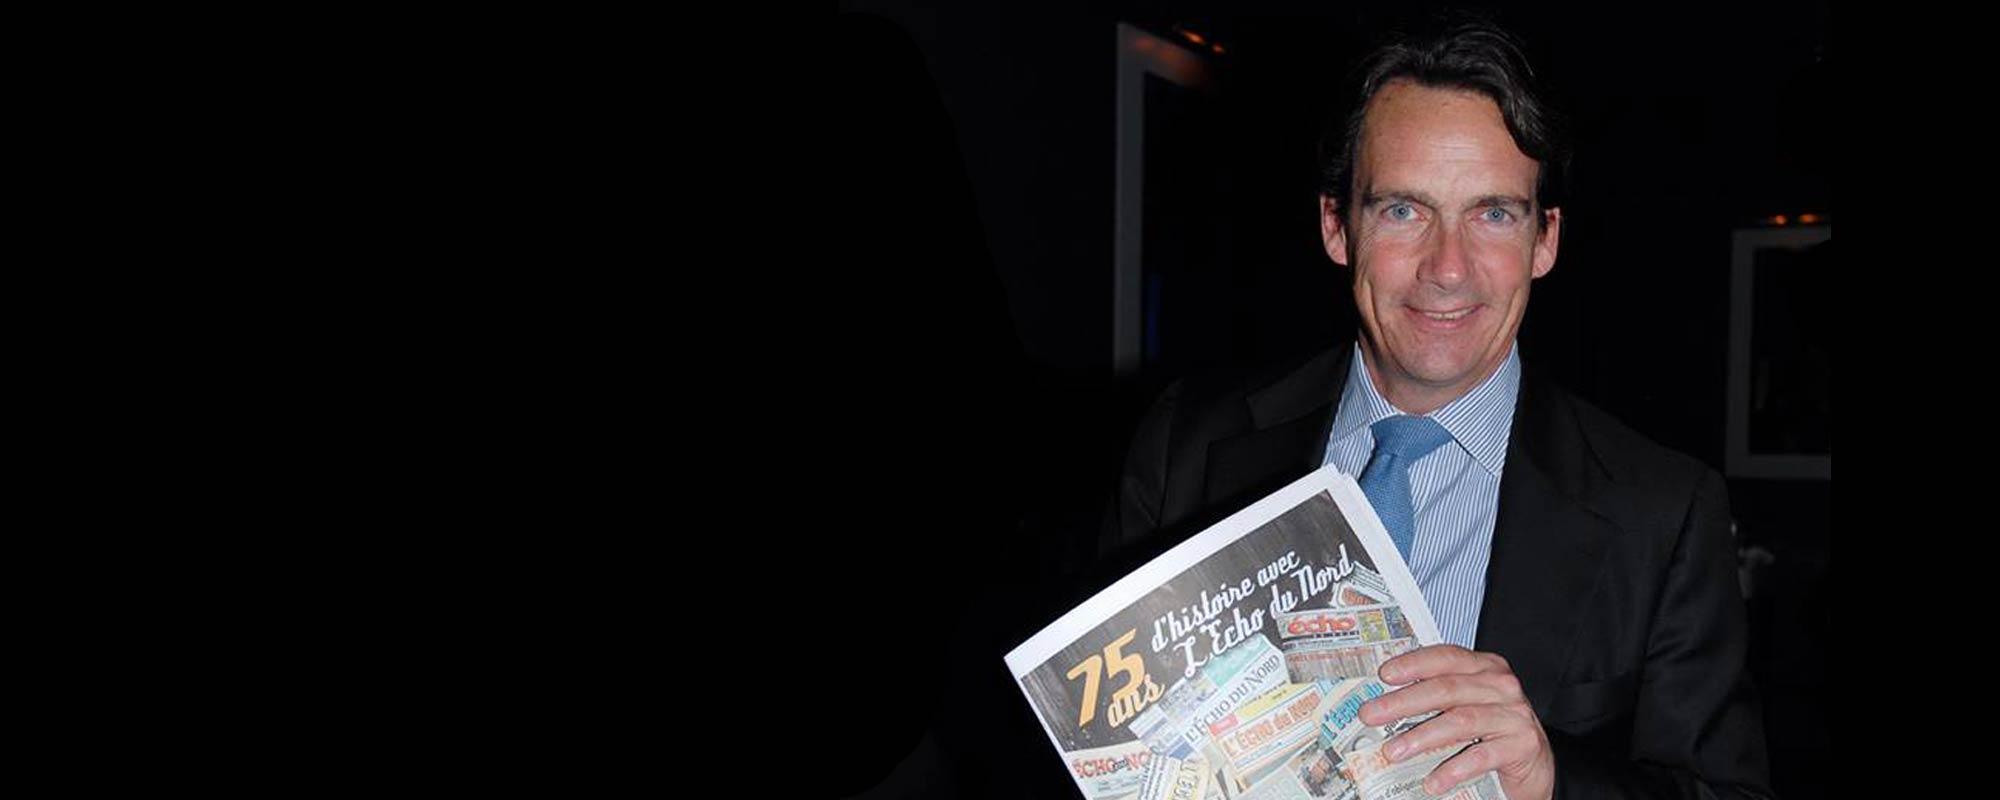 Pierre Karl Péladeau lors du 75e anniversaire de L'Écho du Nord. Il était alors à la tête de Québecor. Photo par André Bernier.